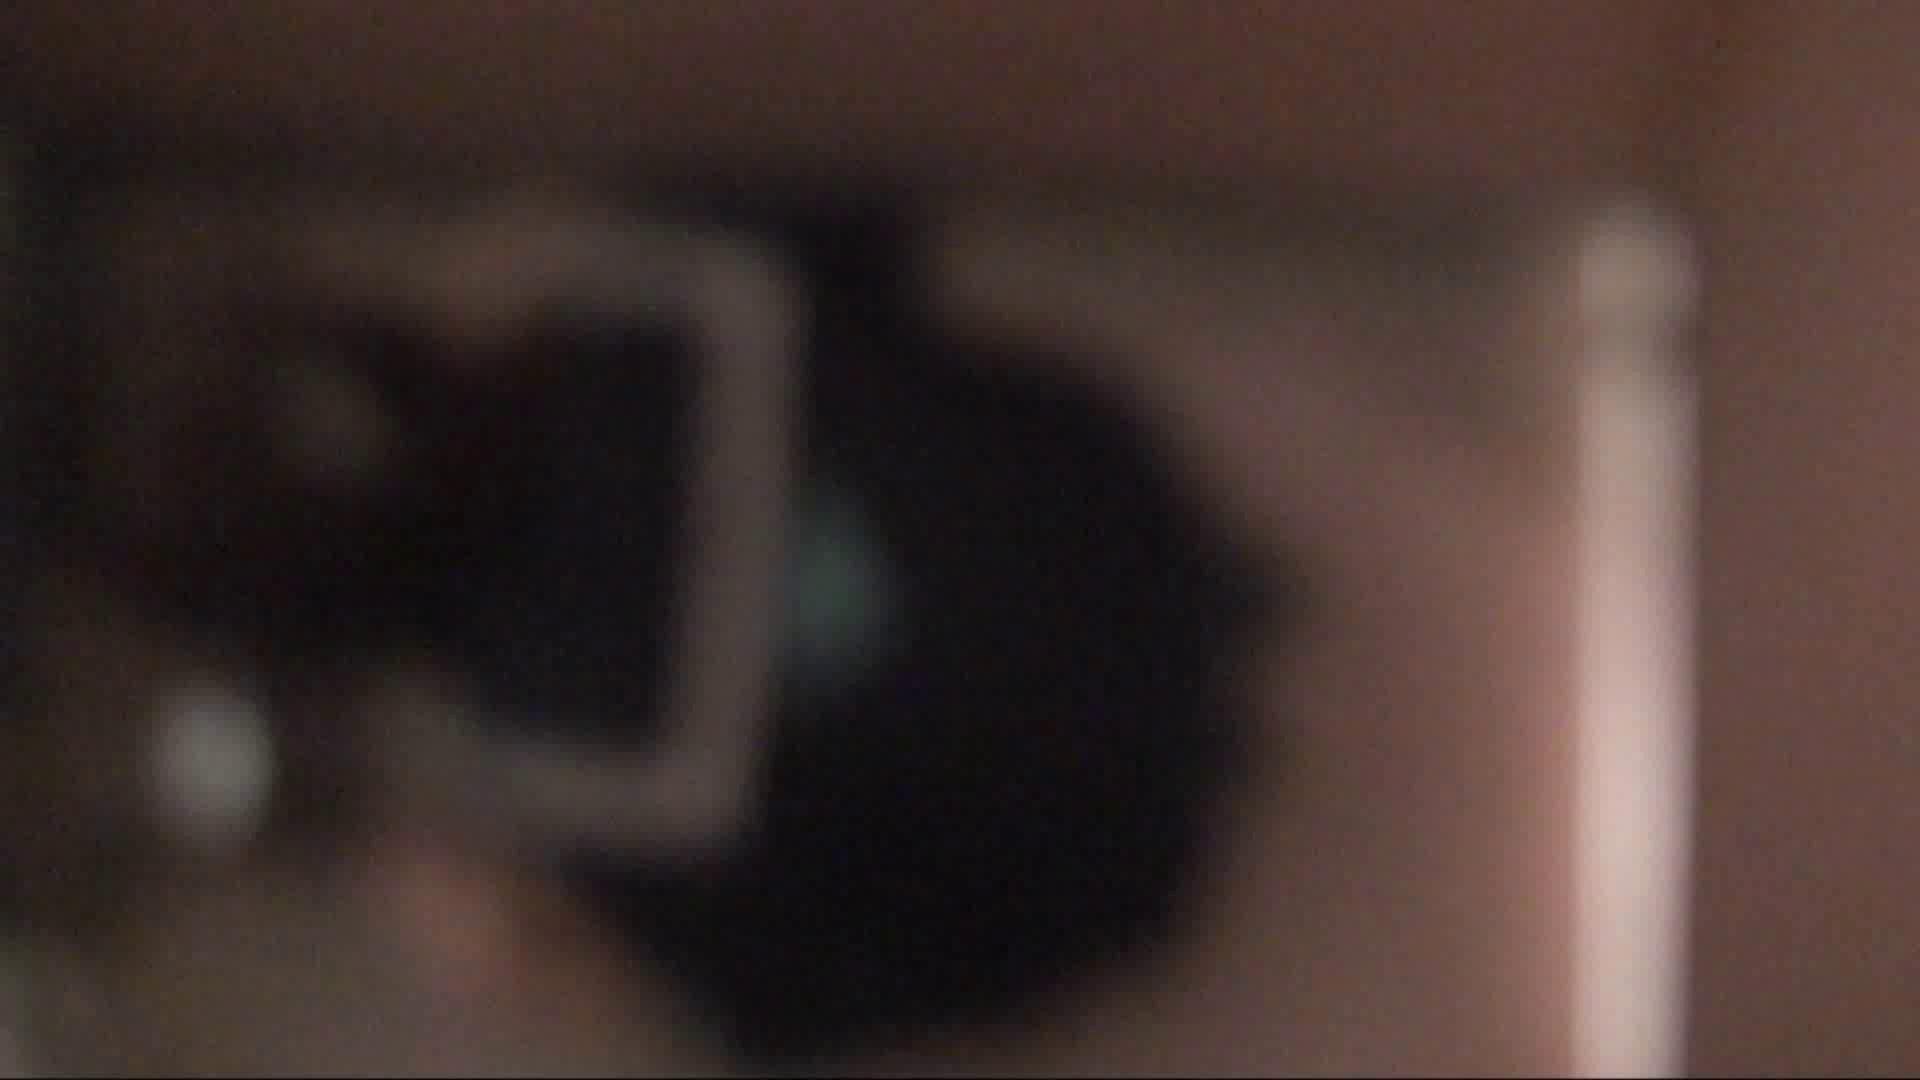 洗面所内潜入!同級生が同級生を盗撮! vol.01 洗面所 盗撮動画紹介 92PIX 78